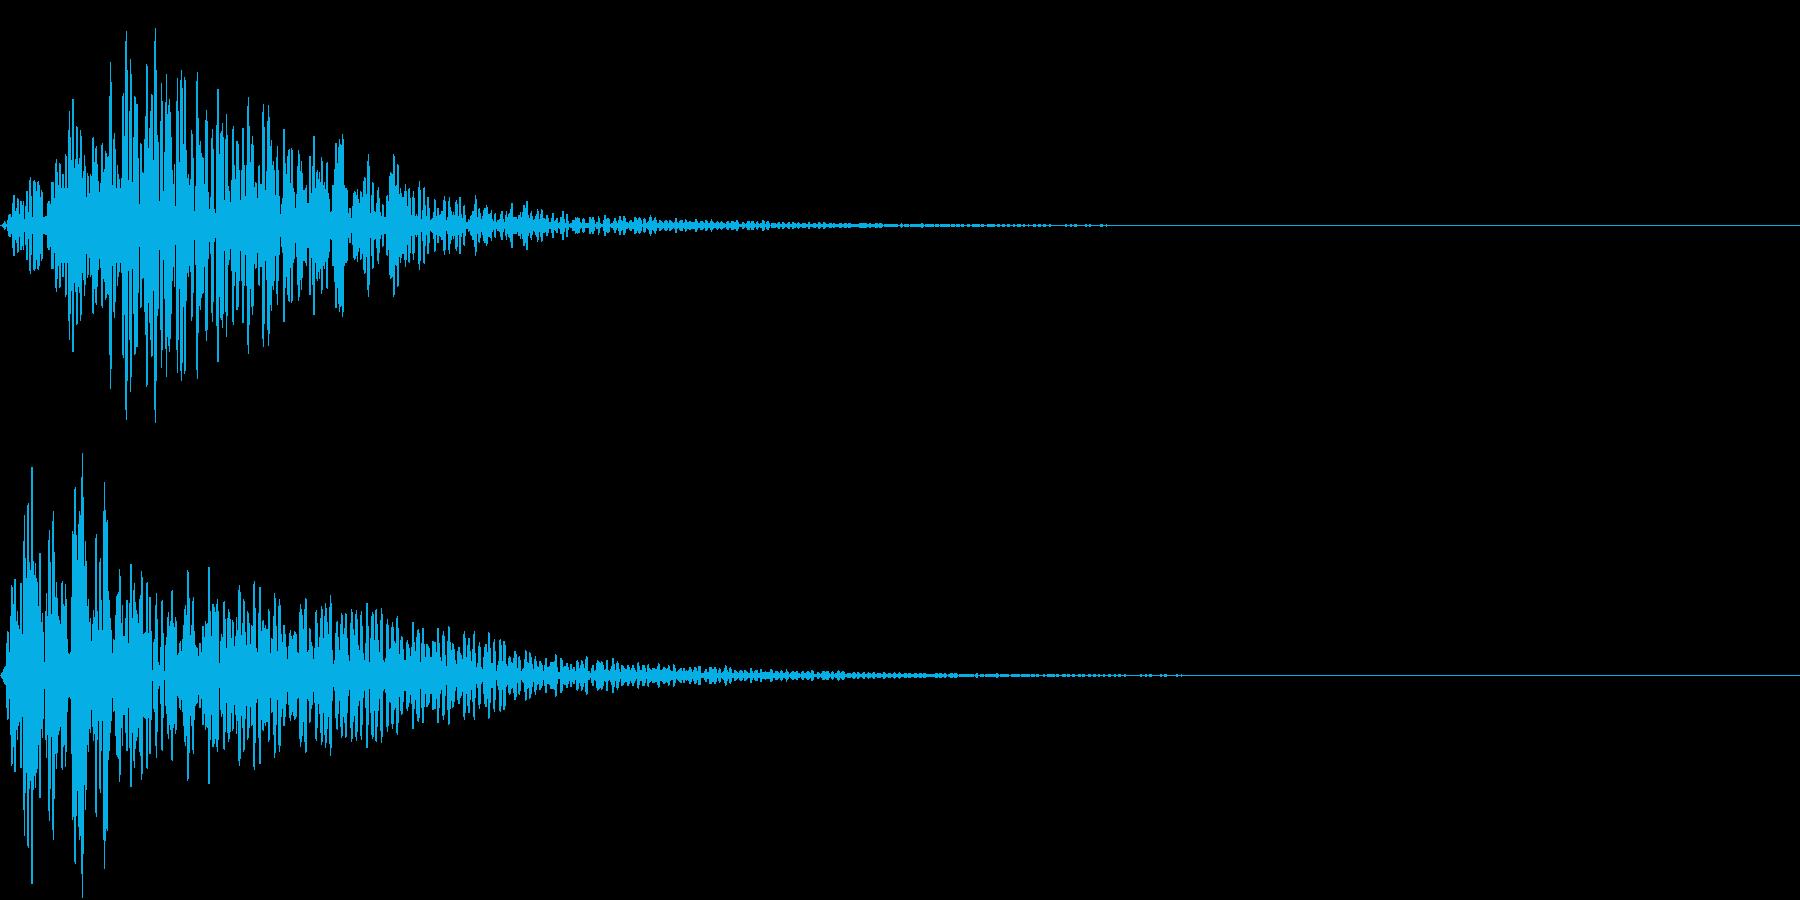 Mononoke もののけ 妖怪 鳴き声の再生済みの波形